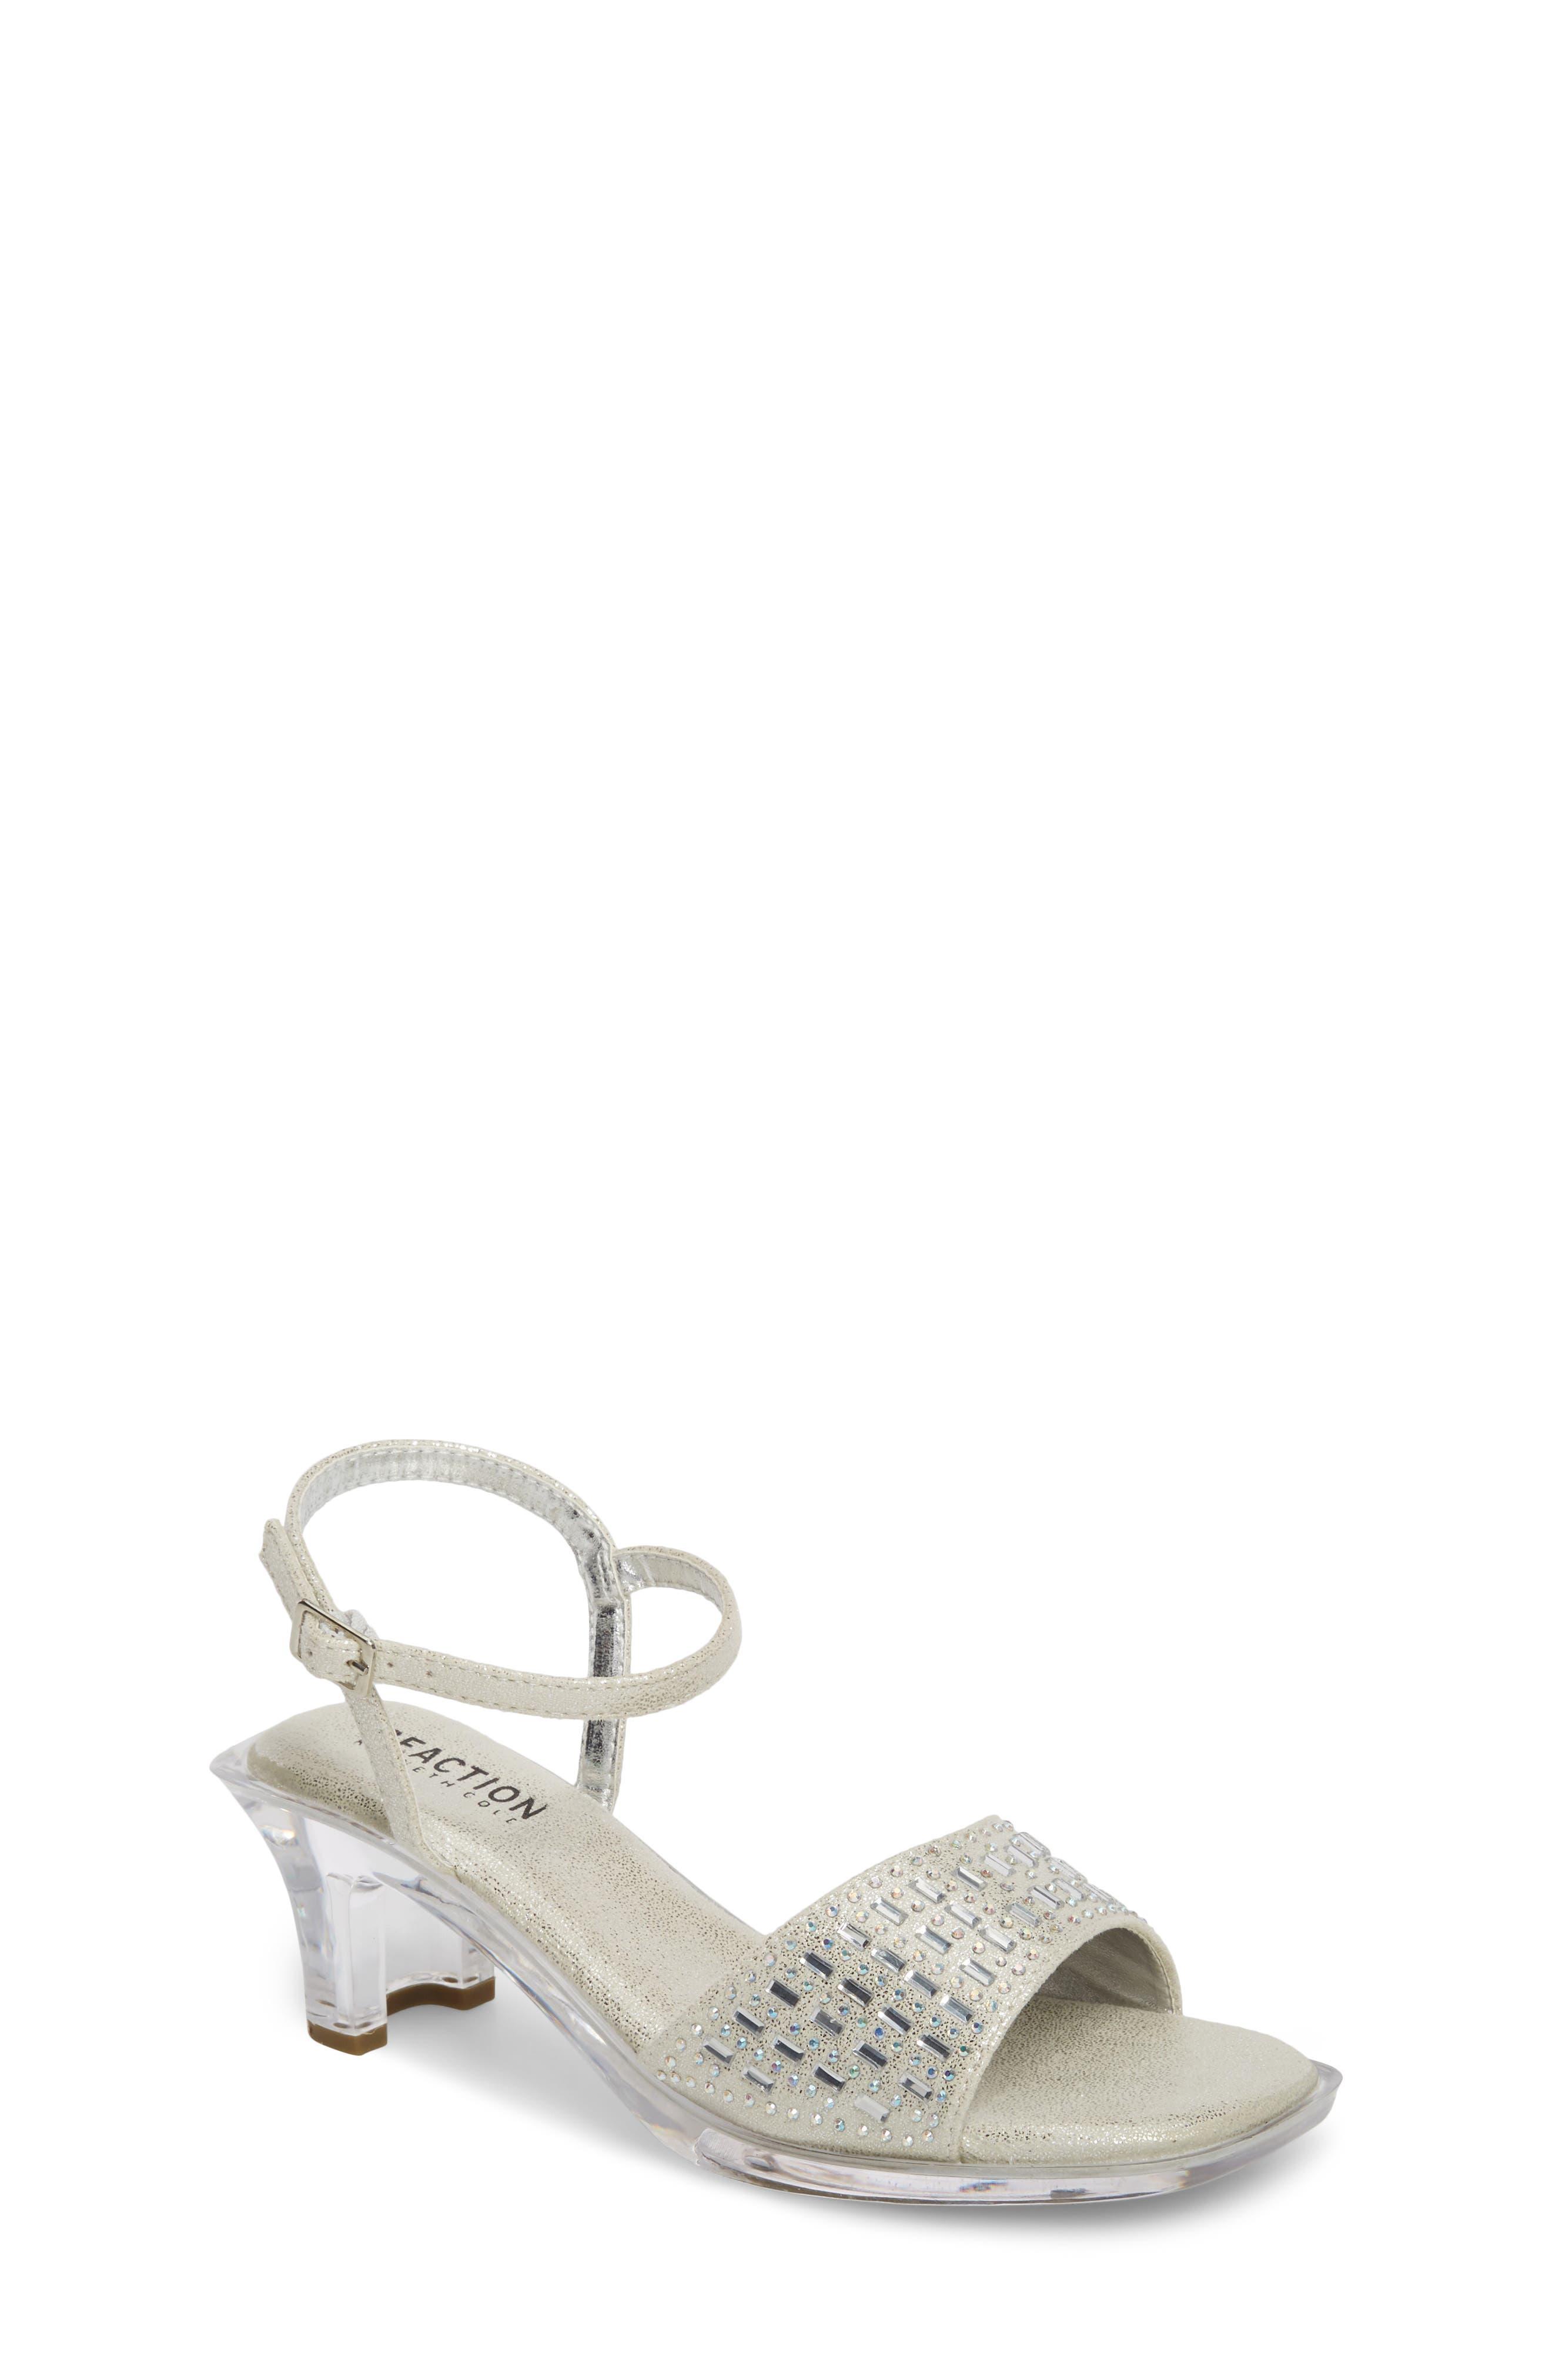 REACTION KENNETH COLE Cind-R-Ella Embellished Sandal, Main, color, SILVER